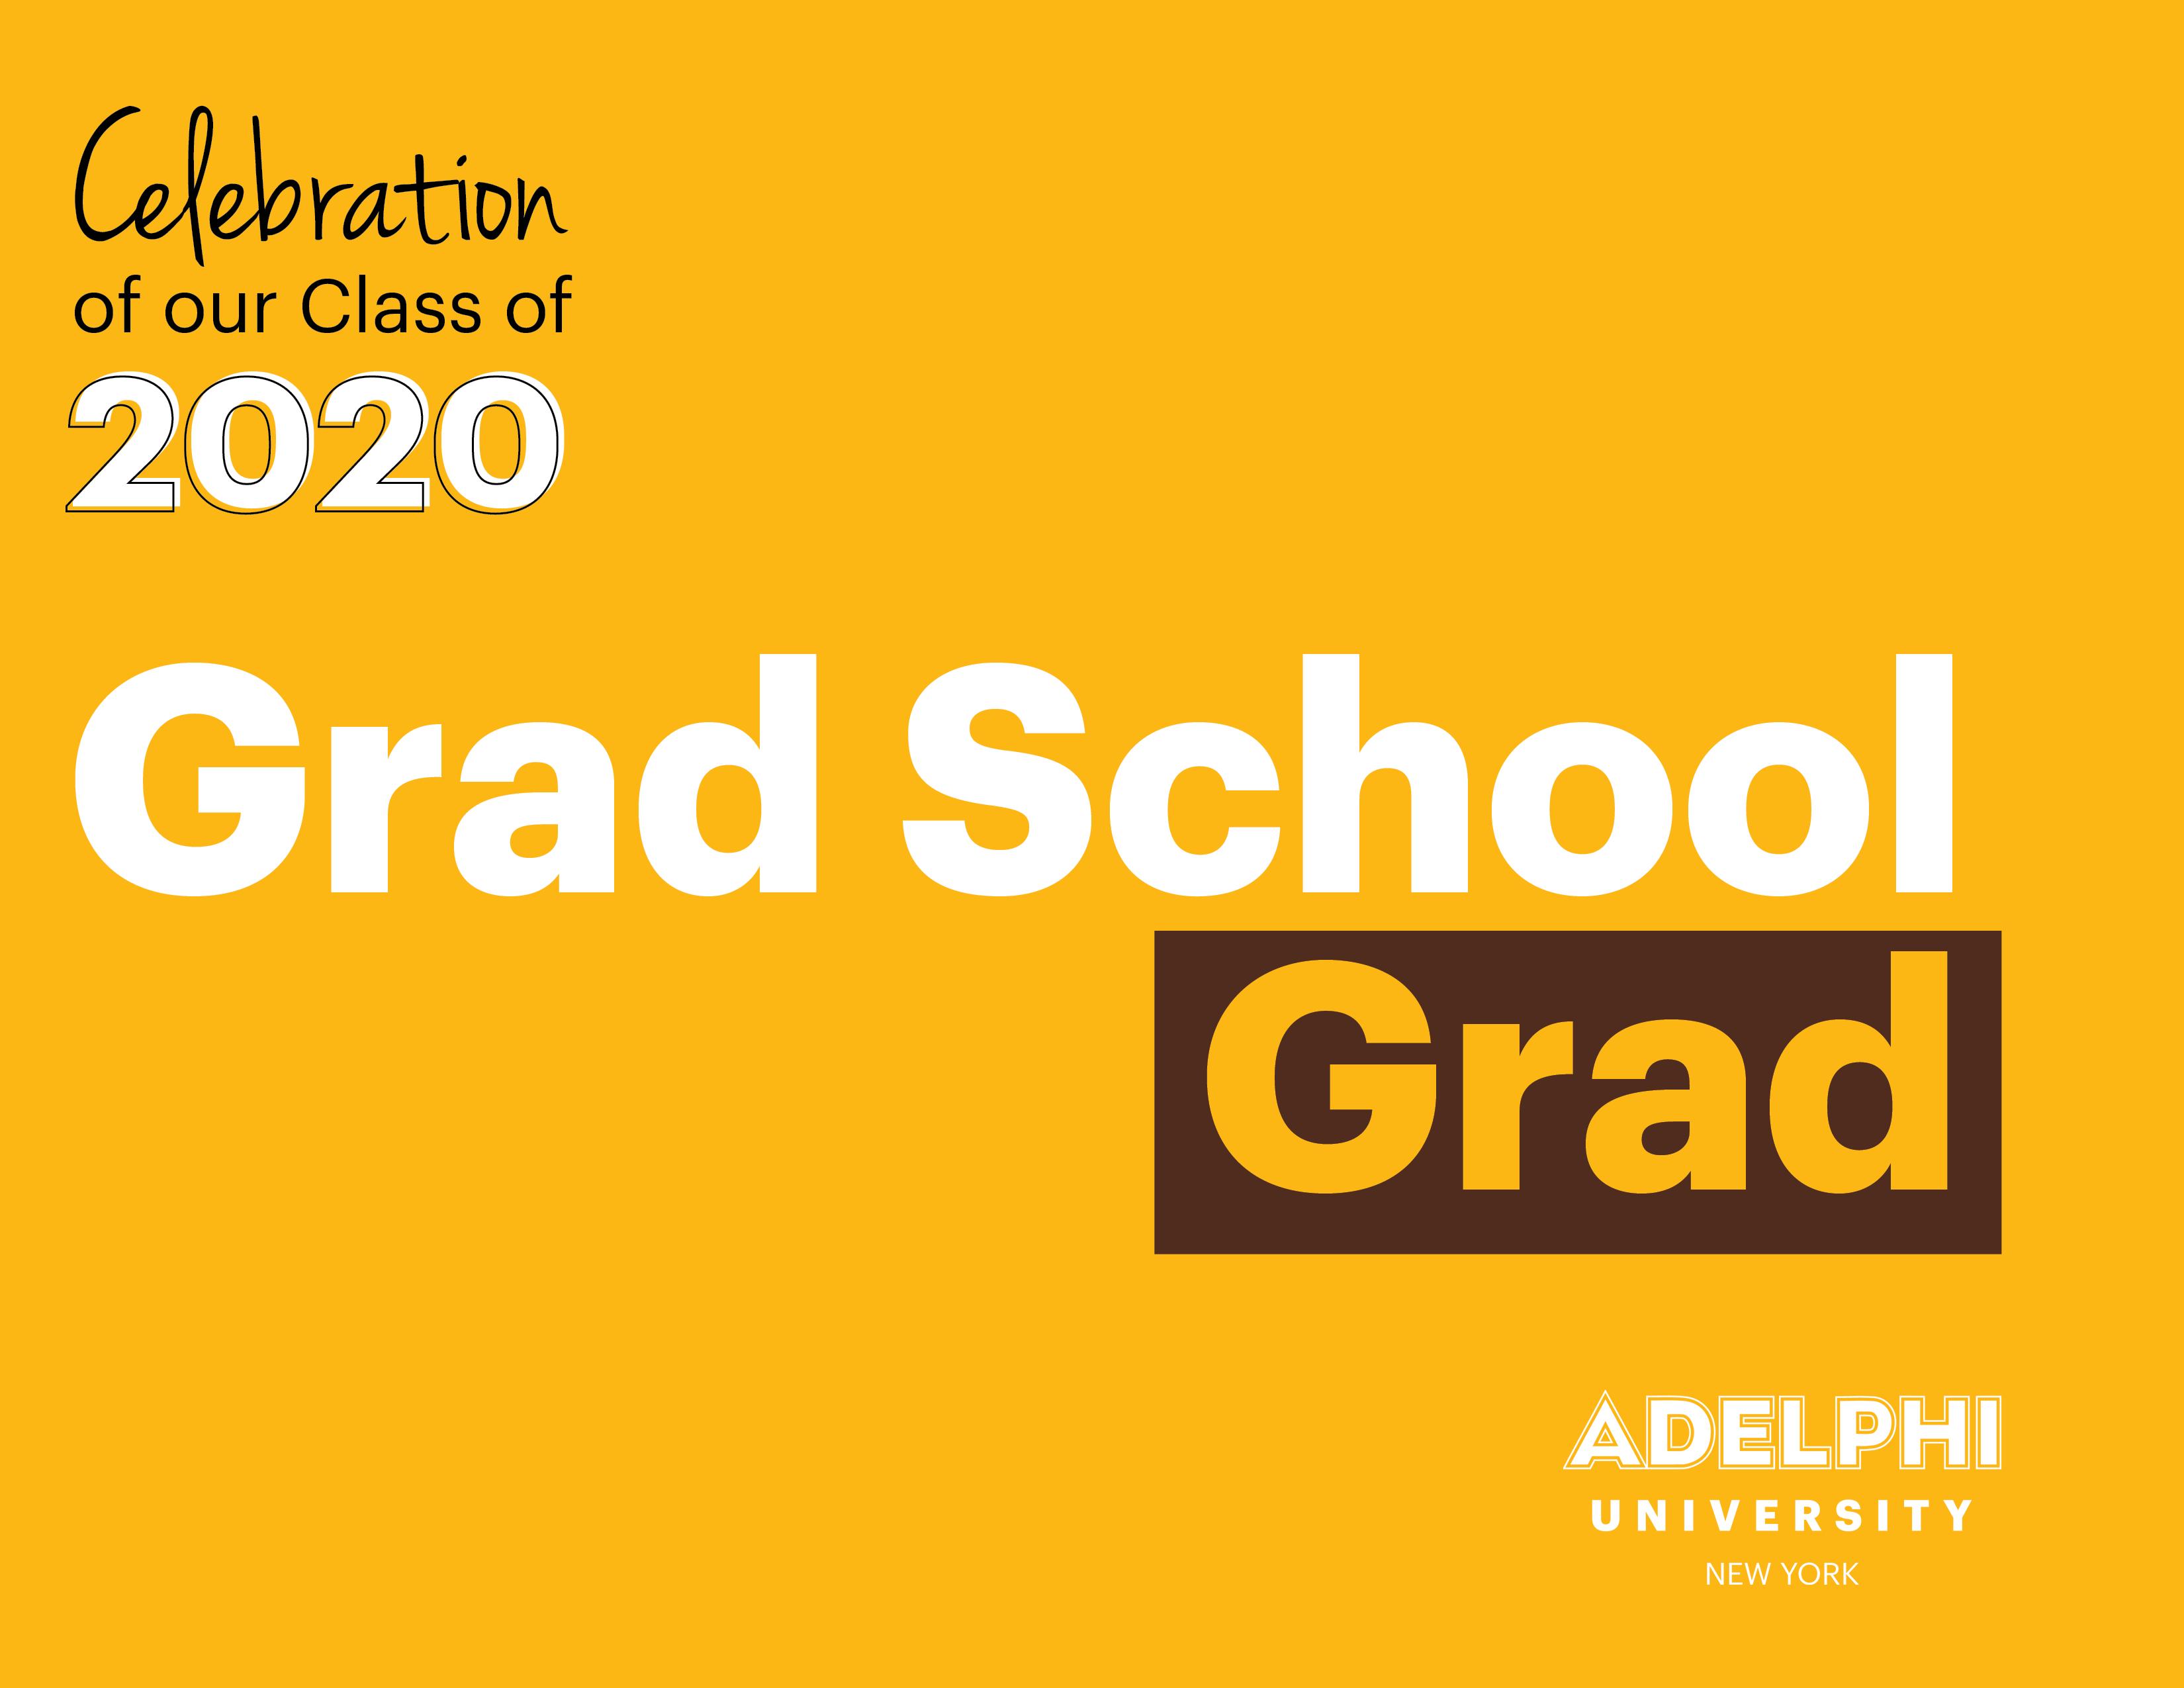 Class of 2020 - Grad School Grad!